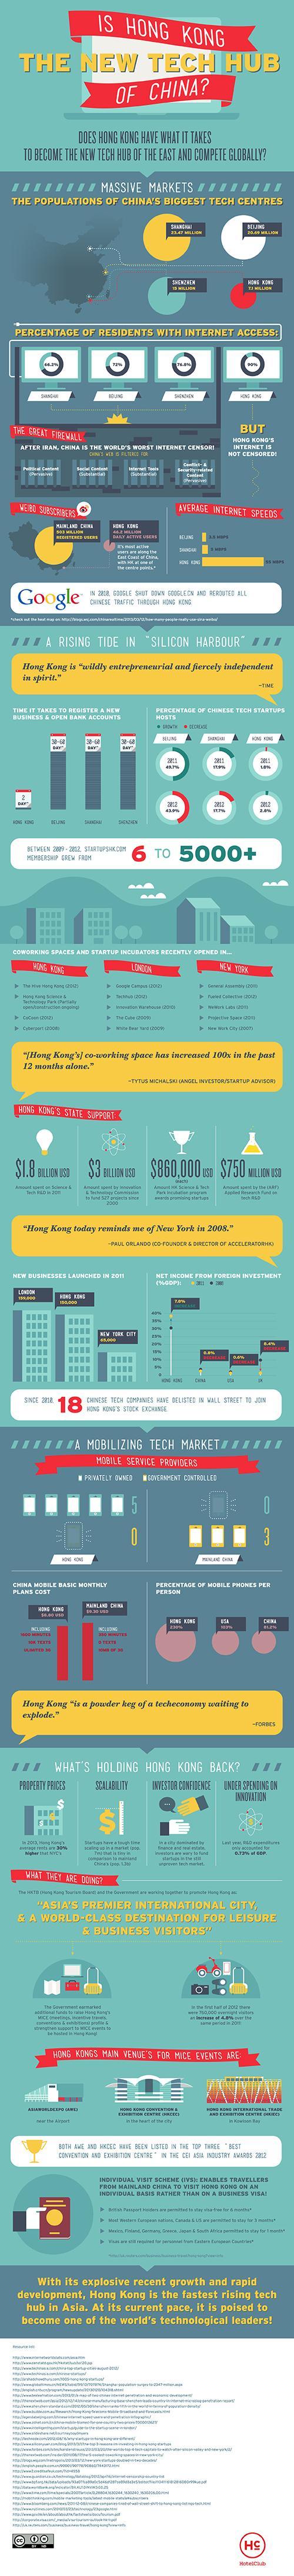 Is Hong Kong The New Tech Hub Of China?